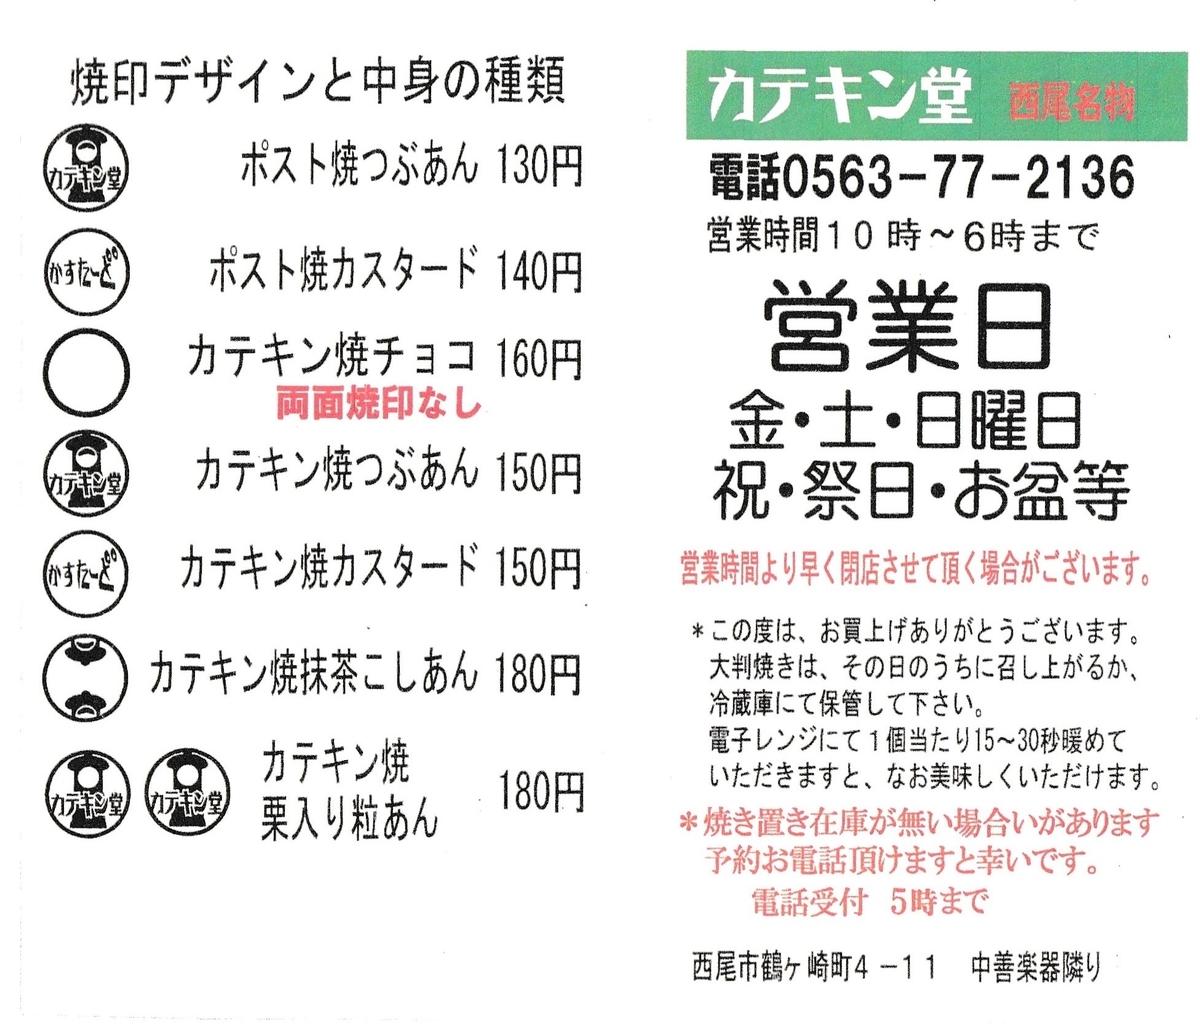 f:id:tengudo_staff:20190906150946j:plain